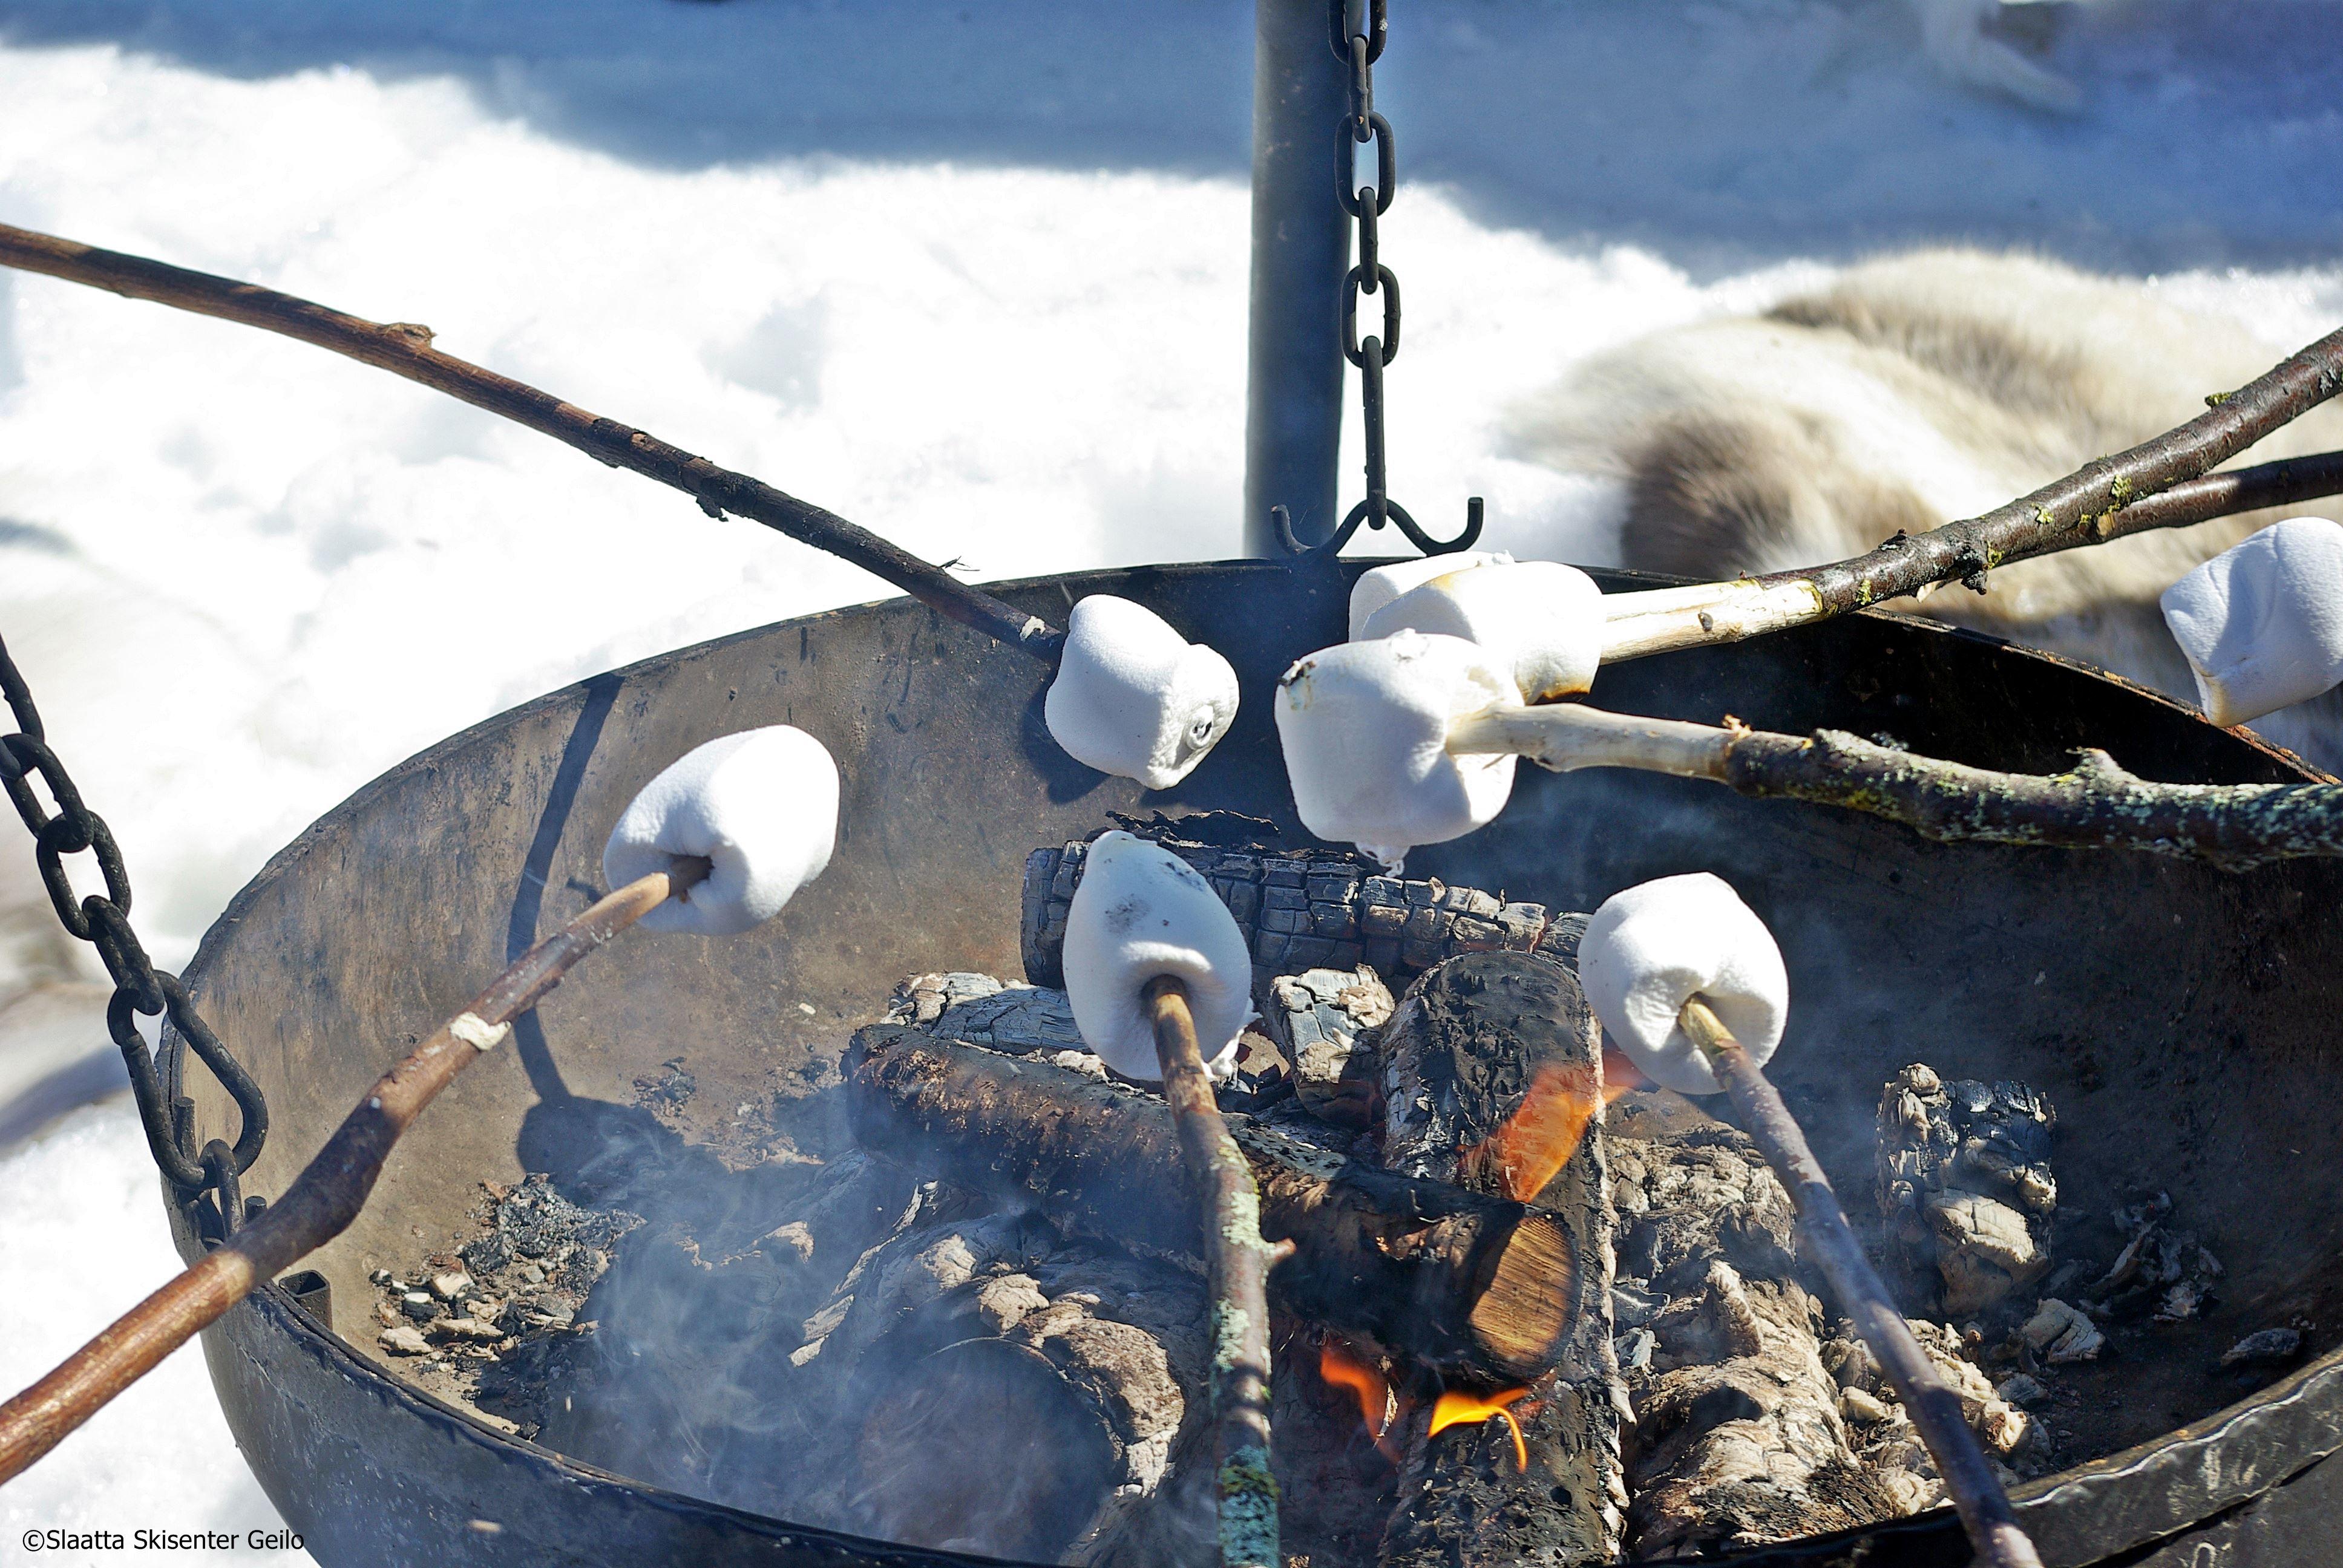 Family snowshoeing, tobogganing and pinnebrød baking